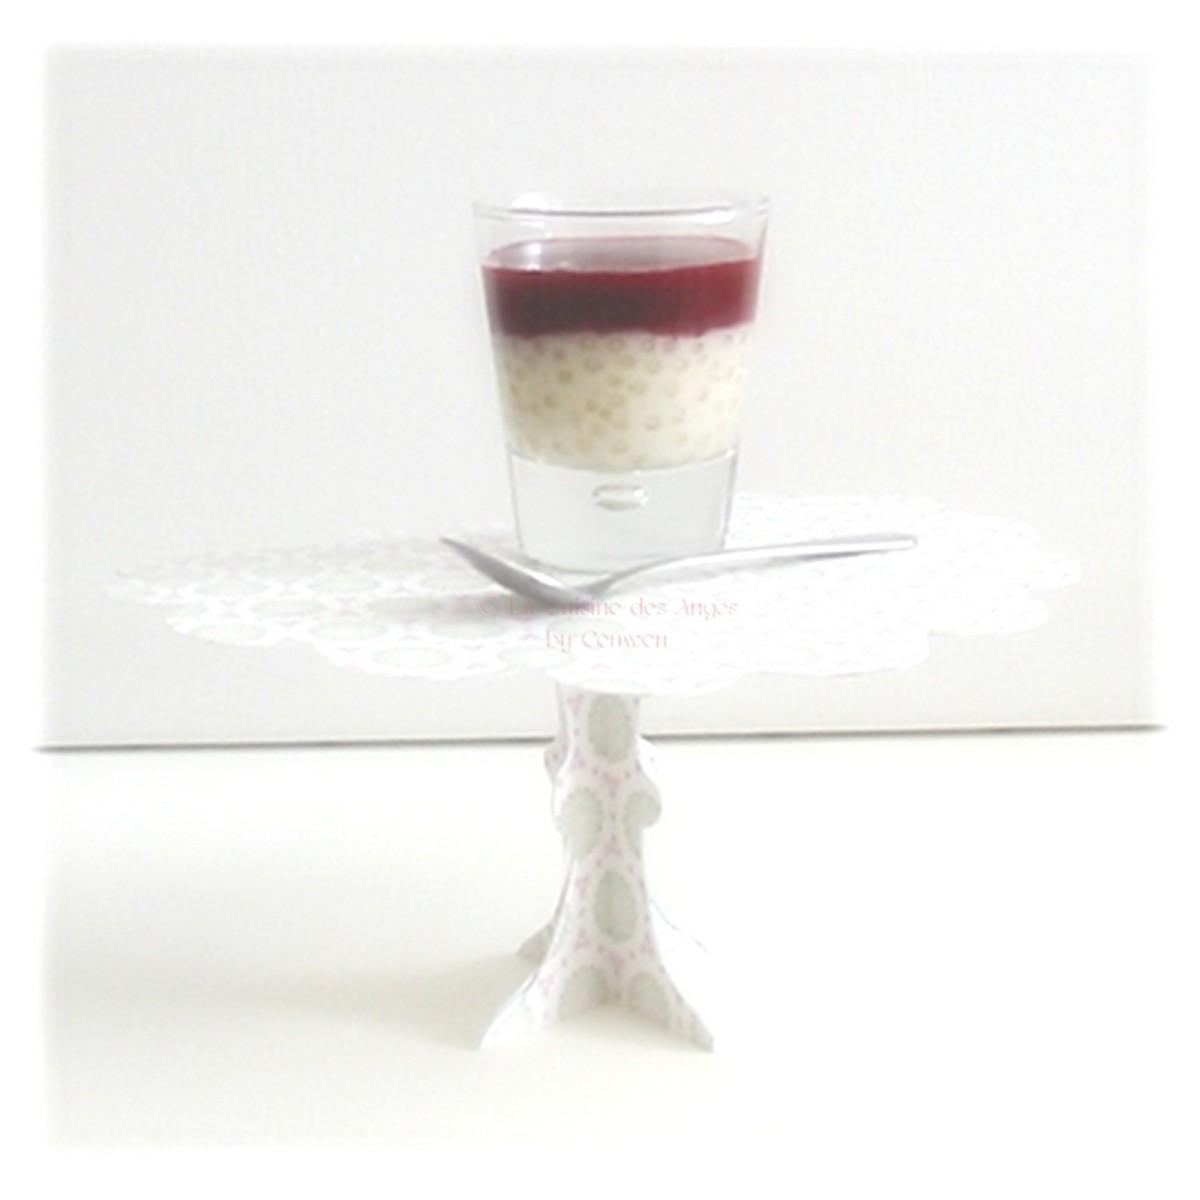 Perles du japon la vanille et coulis de fruits rouges la cuisine des anges - Confiture de nefles du japon ...